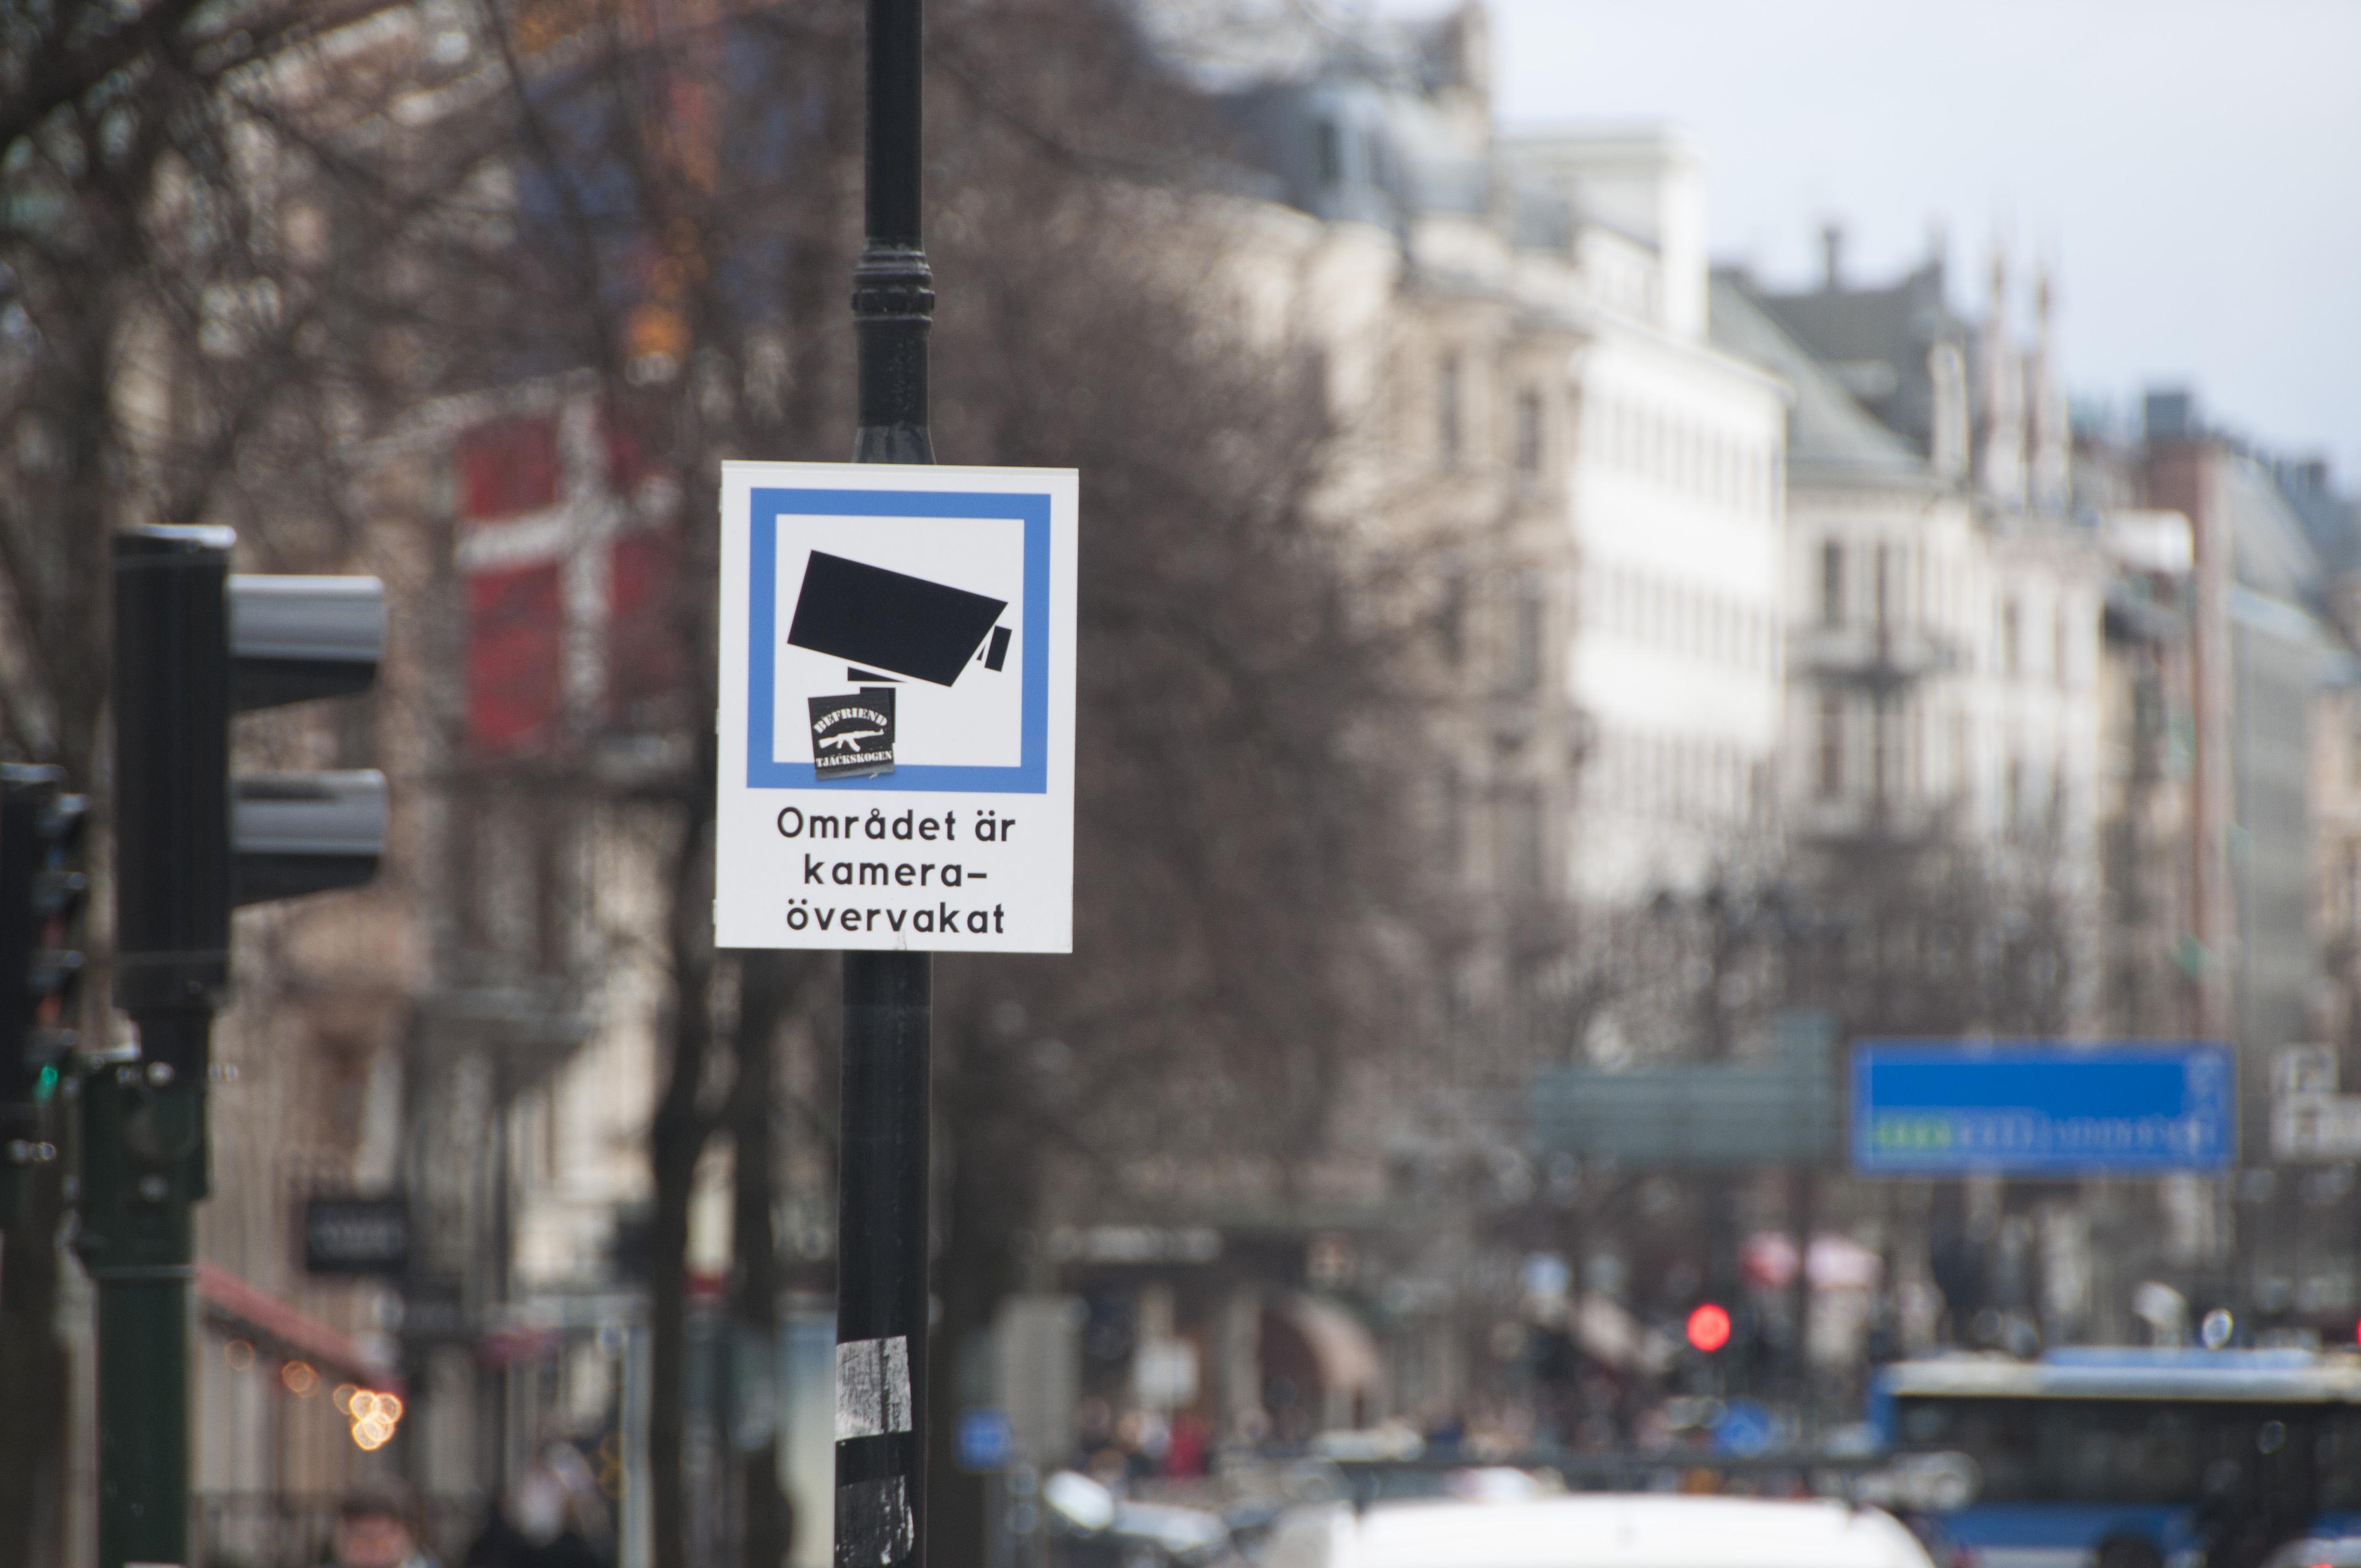 Kamerabevakning av stureplan godkand